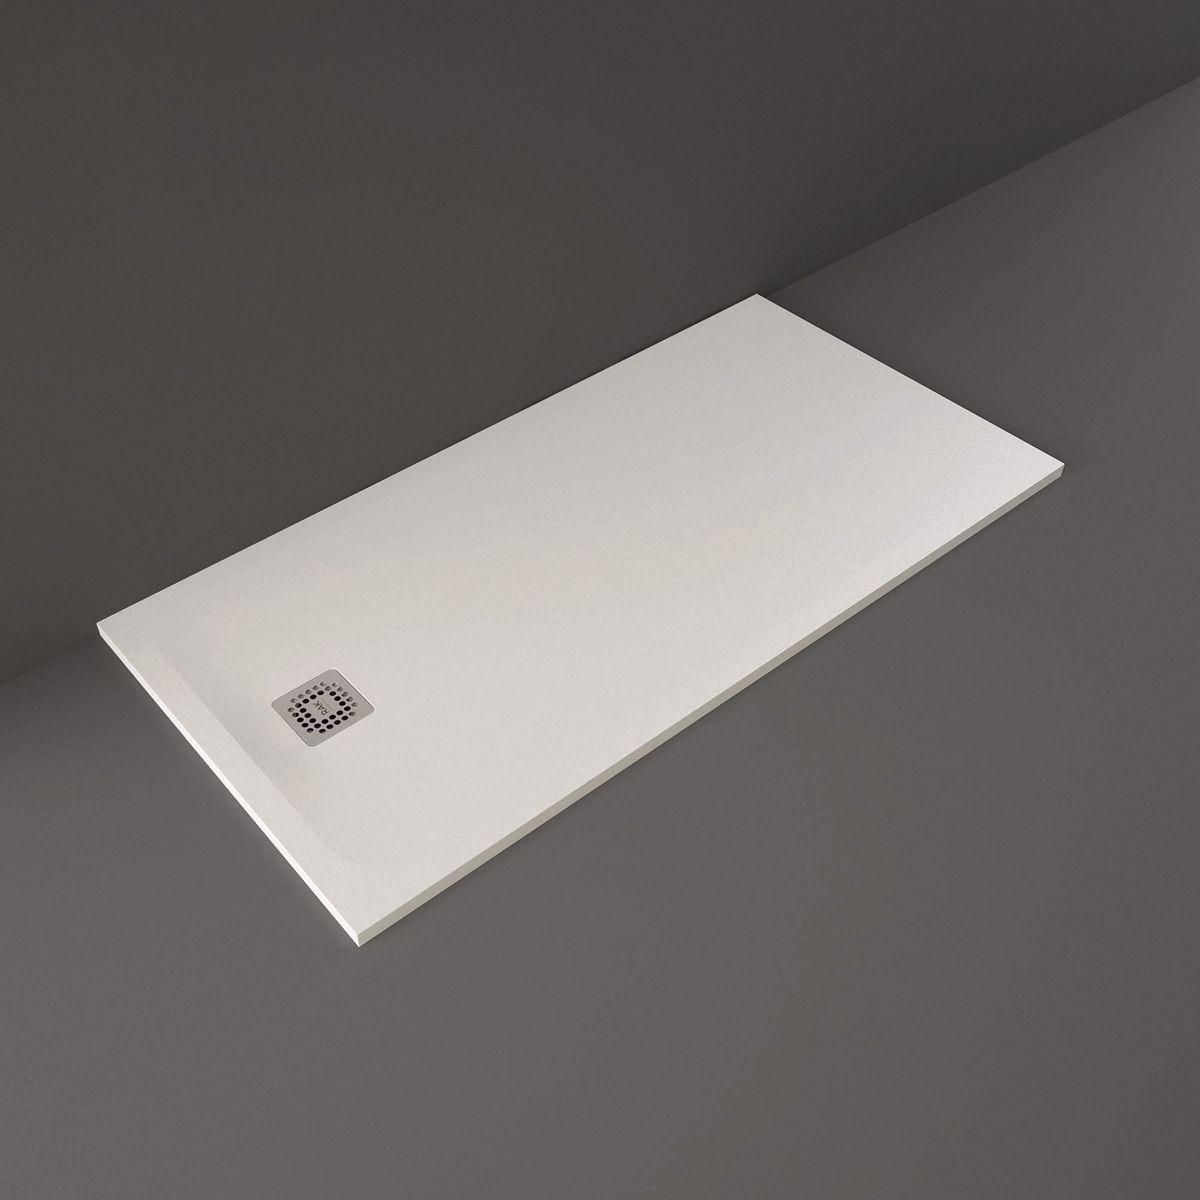 RAK Feeling White Rectangular Shower Tray 1600 x 800mm